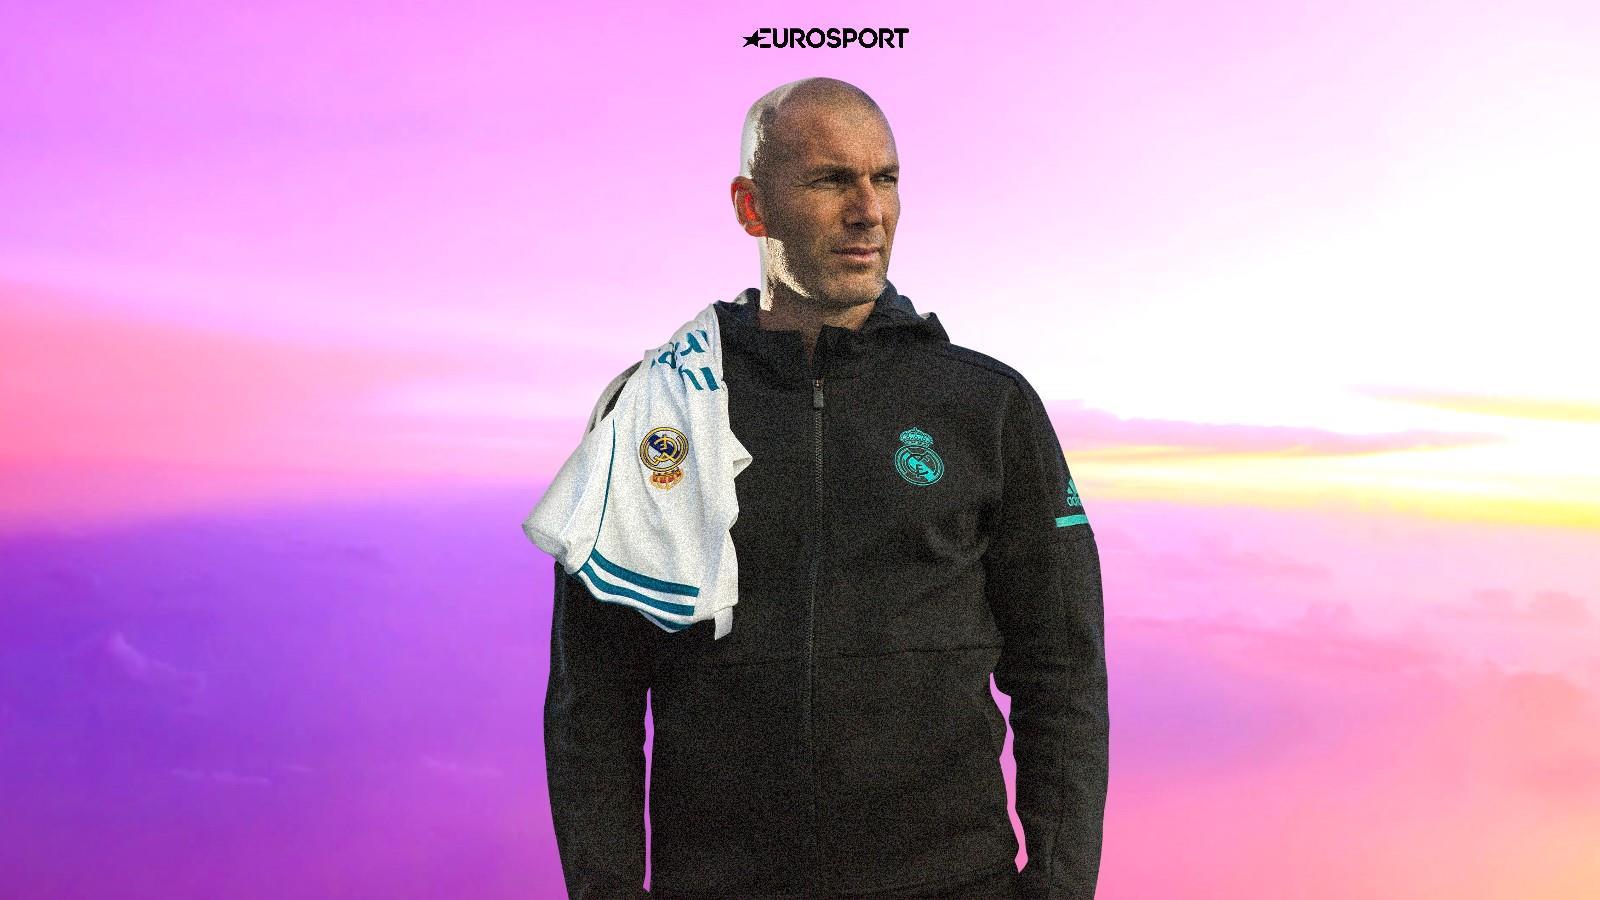 Зинедин Зидан вернулся в «Реал Мадрид». Следующий – Криштиану Роналду?